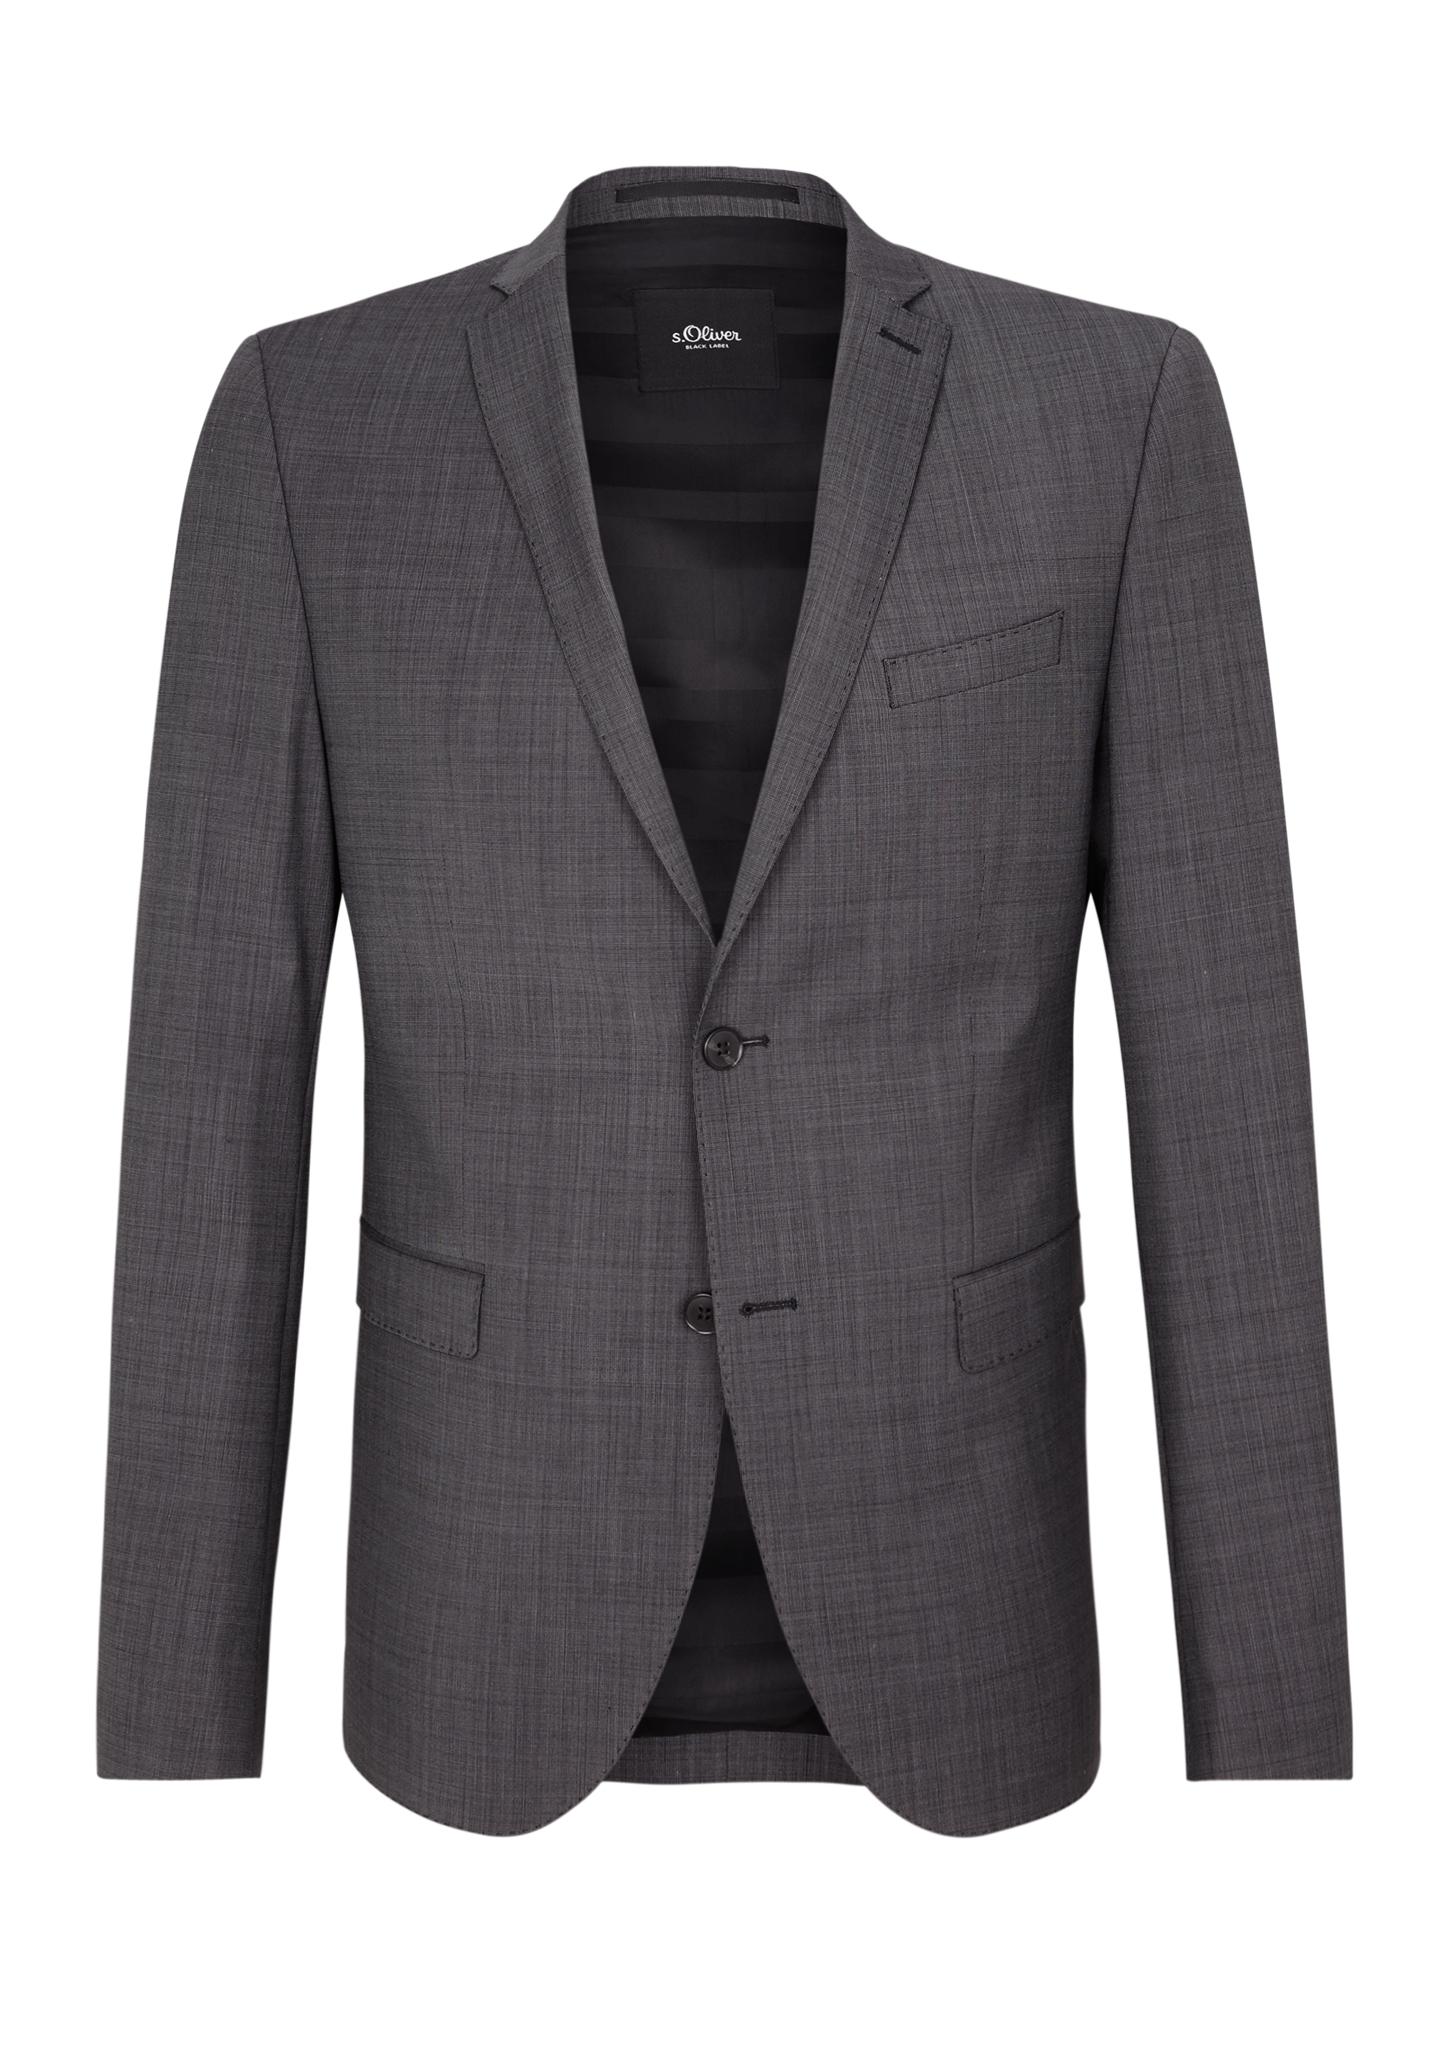 Anzugsakko | Bekleidung > Sakkos | Grau | Oberstoff: 53% polyester -  43% schurwolle -  4% elasthan| futter: 53% acetat -  47% polyester | s.Oliver BLACK LABEL